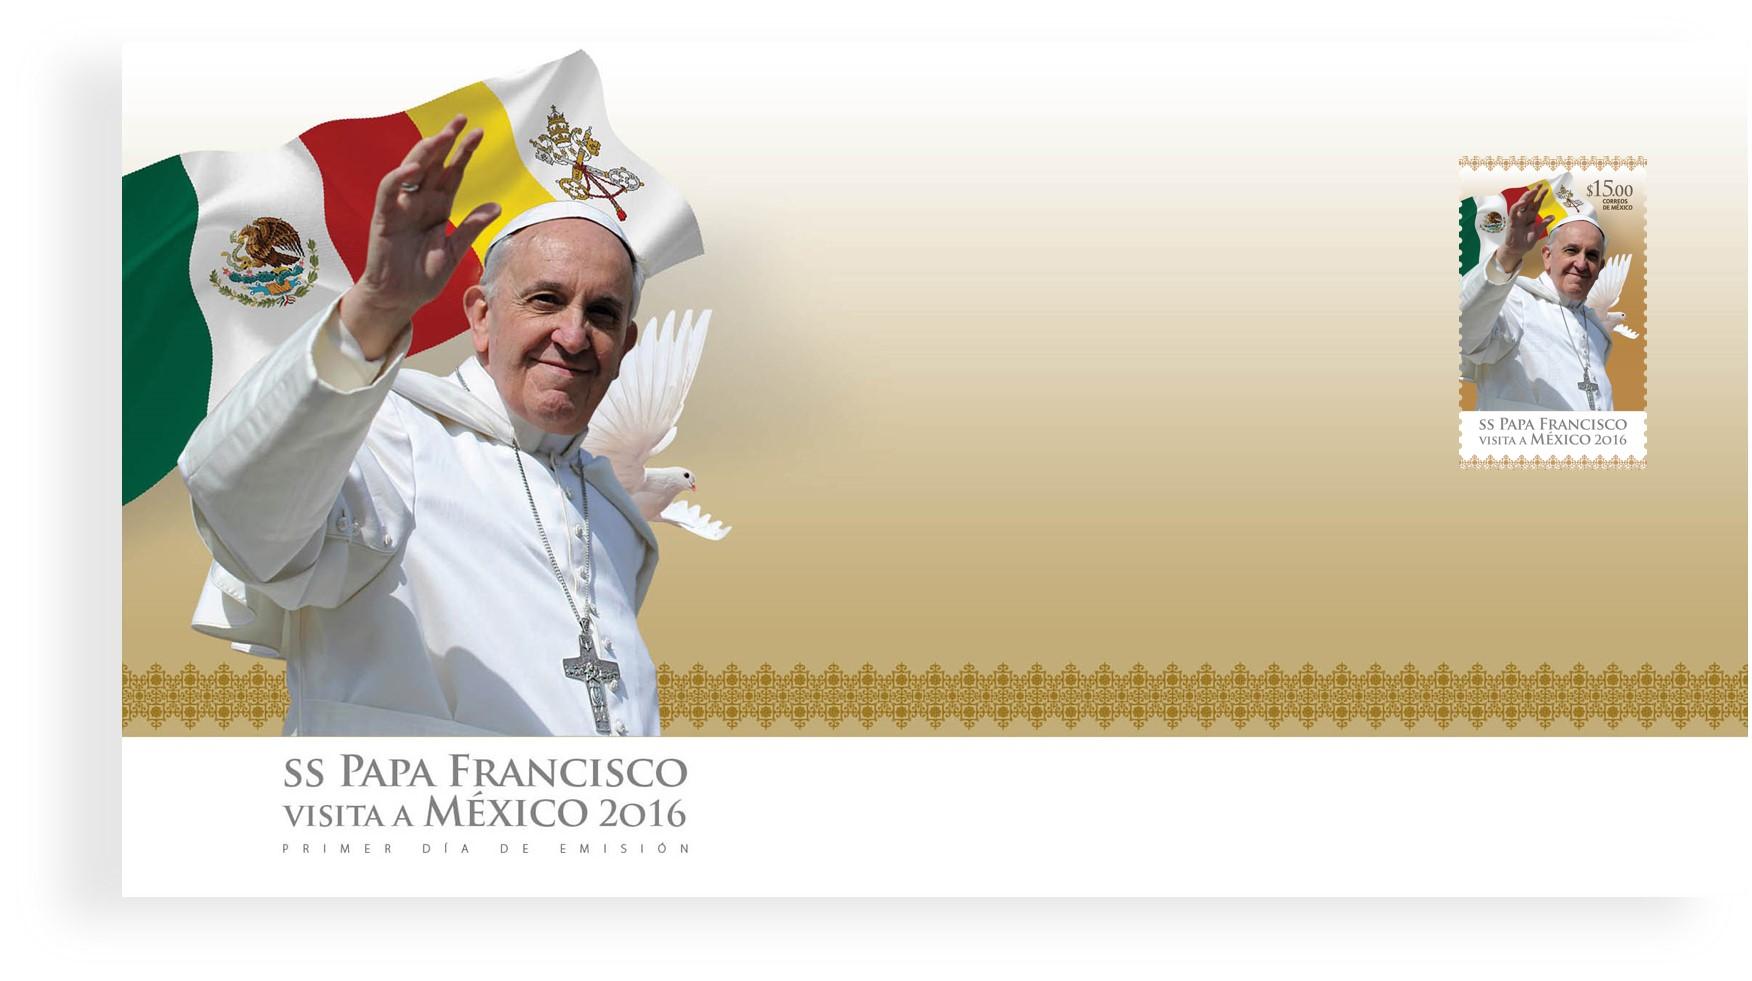 Emitió correos de México estampilla postal conmemorativa a la visita del Papa Francisco